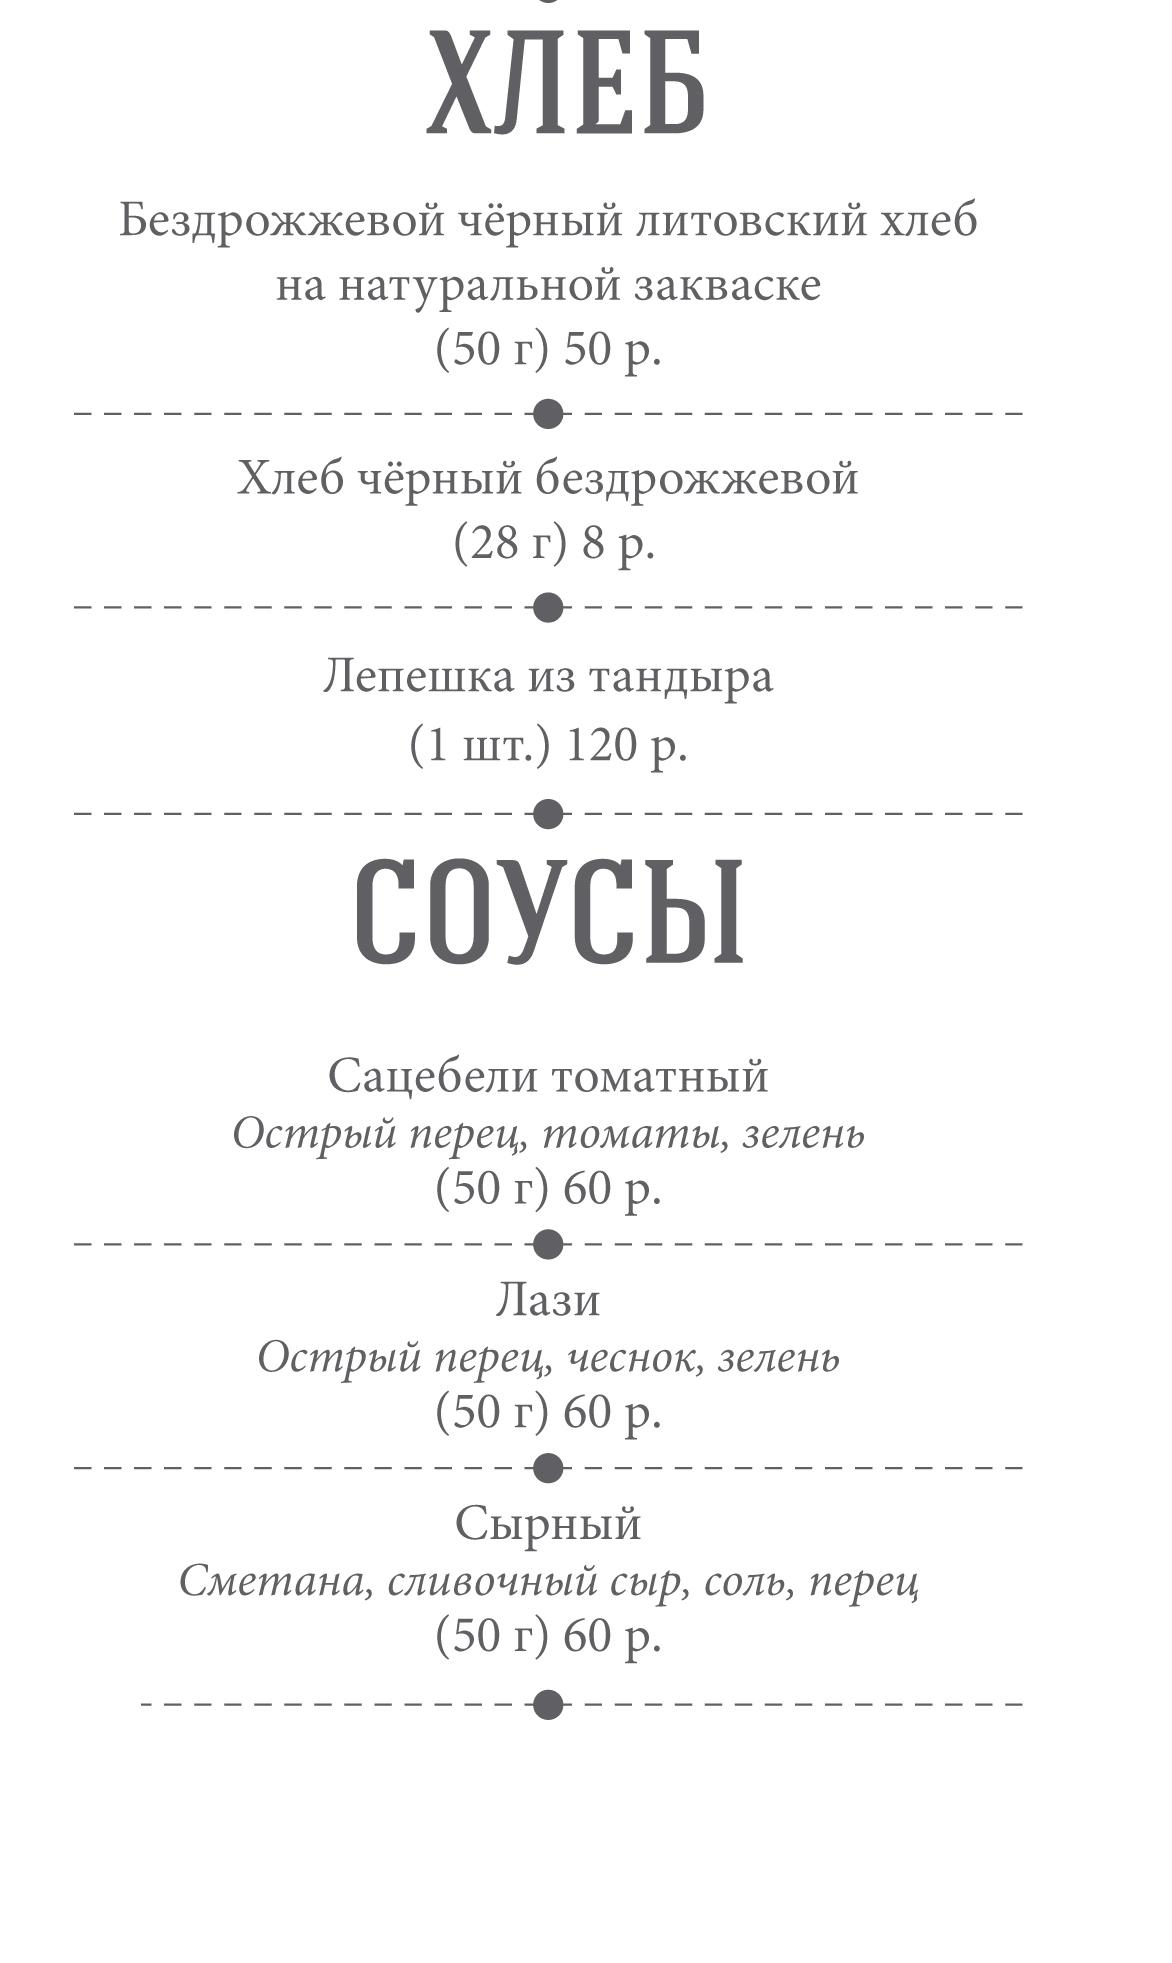 41_menu